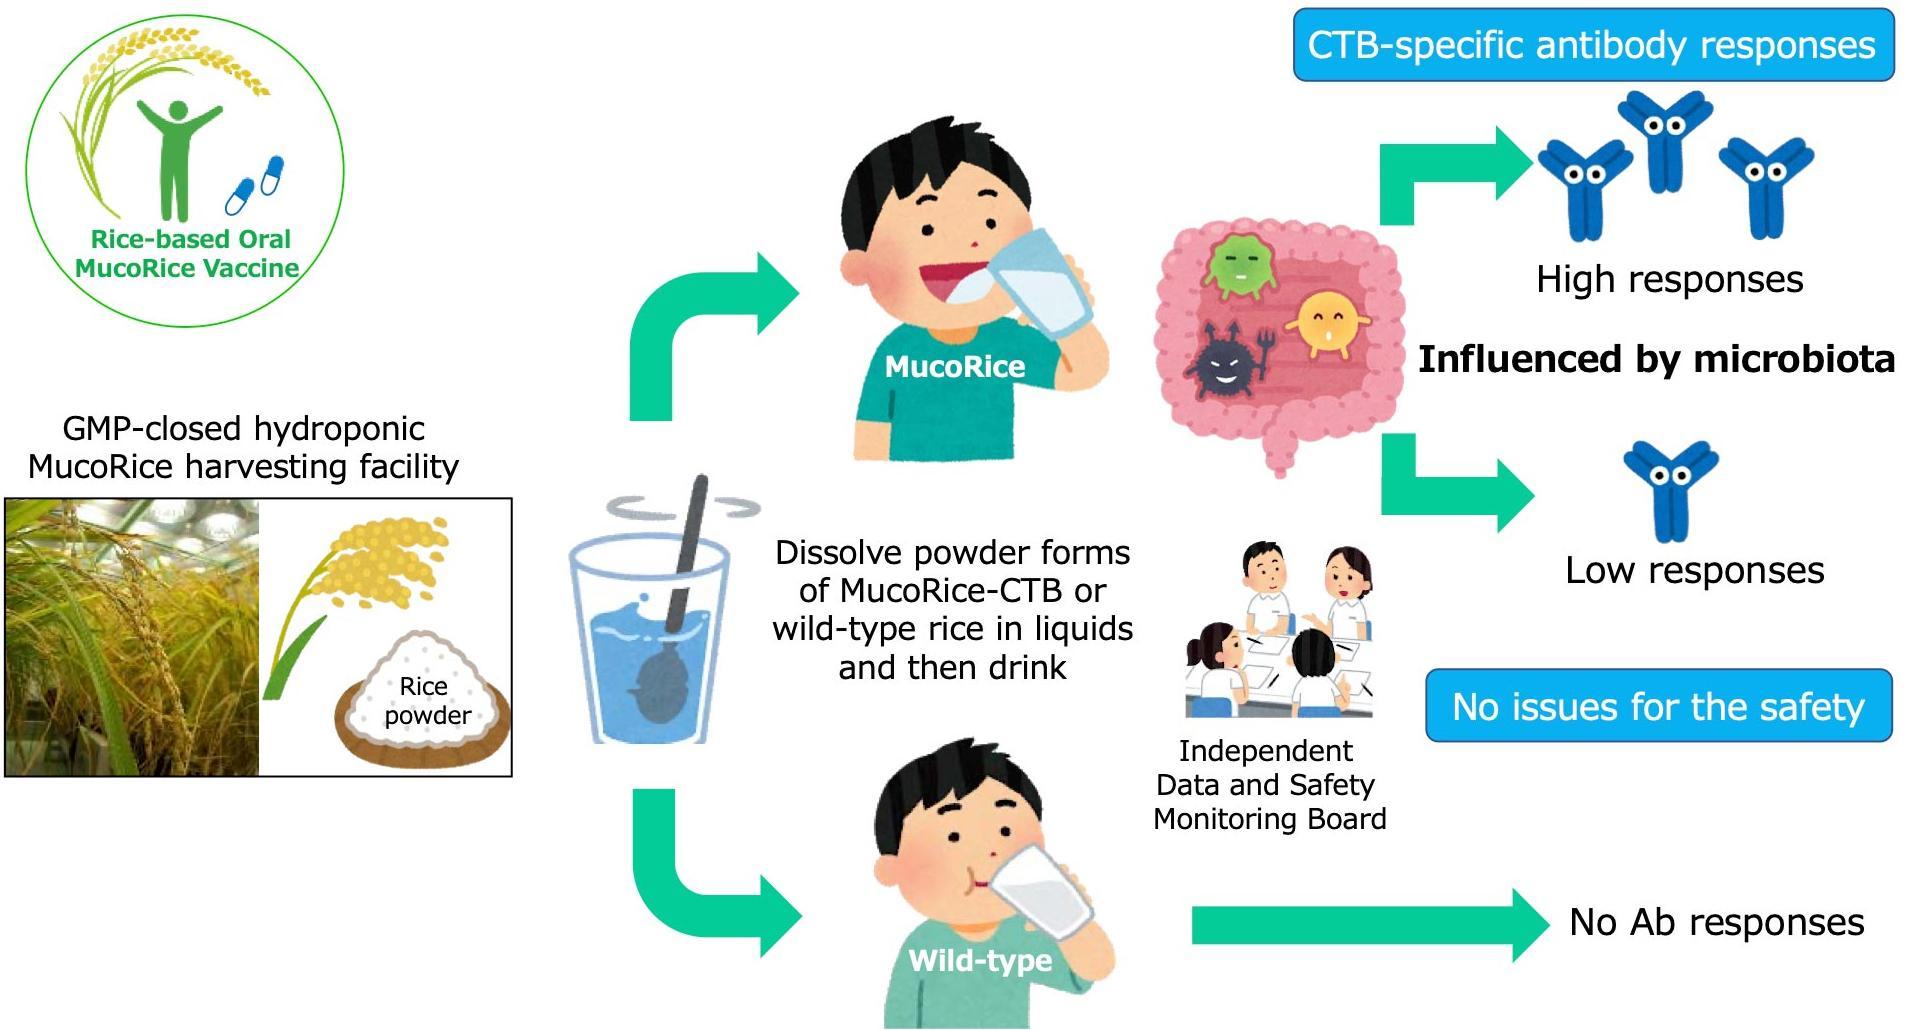 Японскими учеными успешно испытана рисовая вакцина от холеры